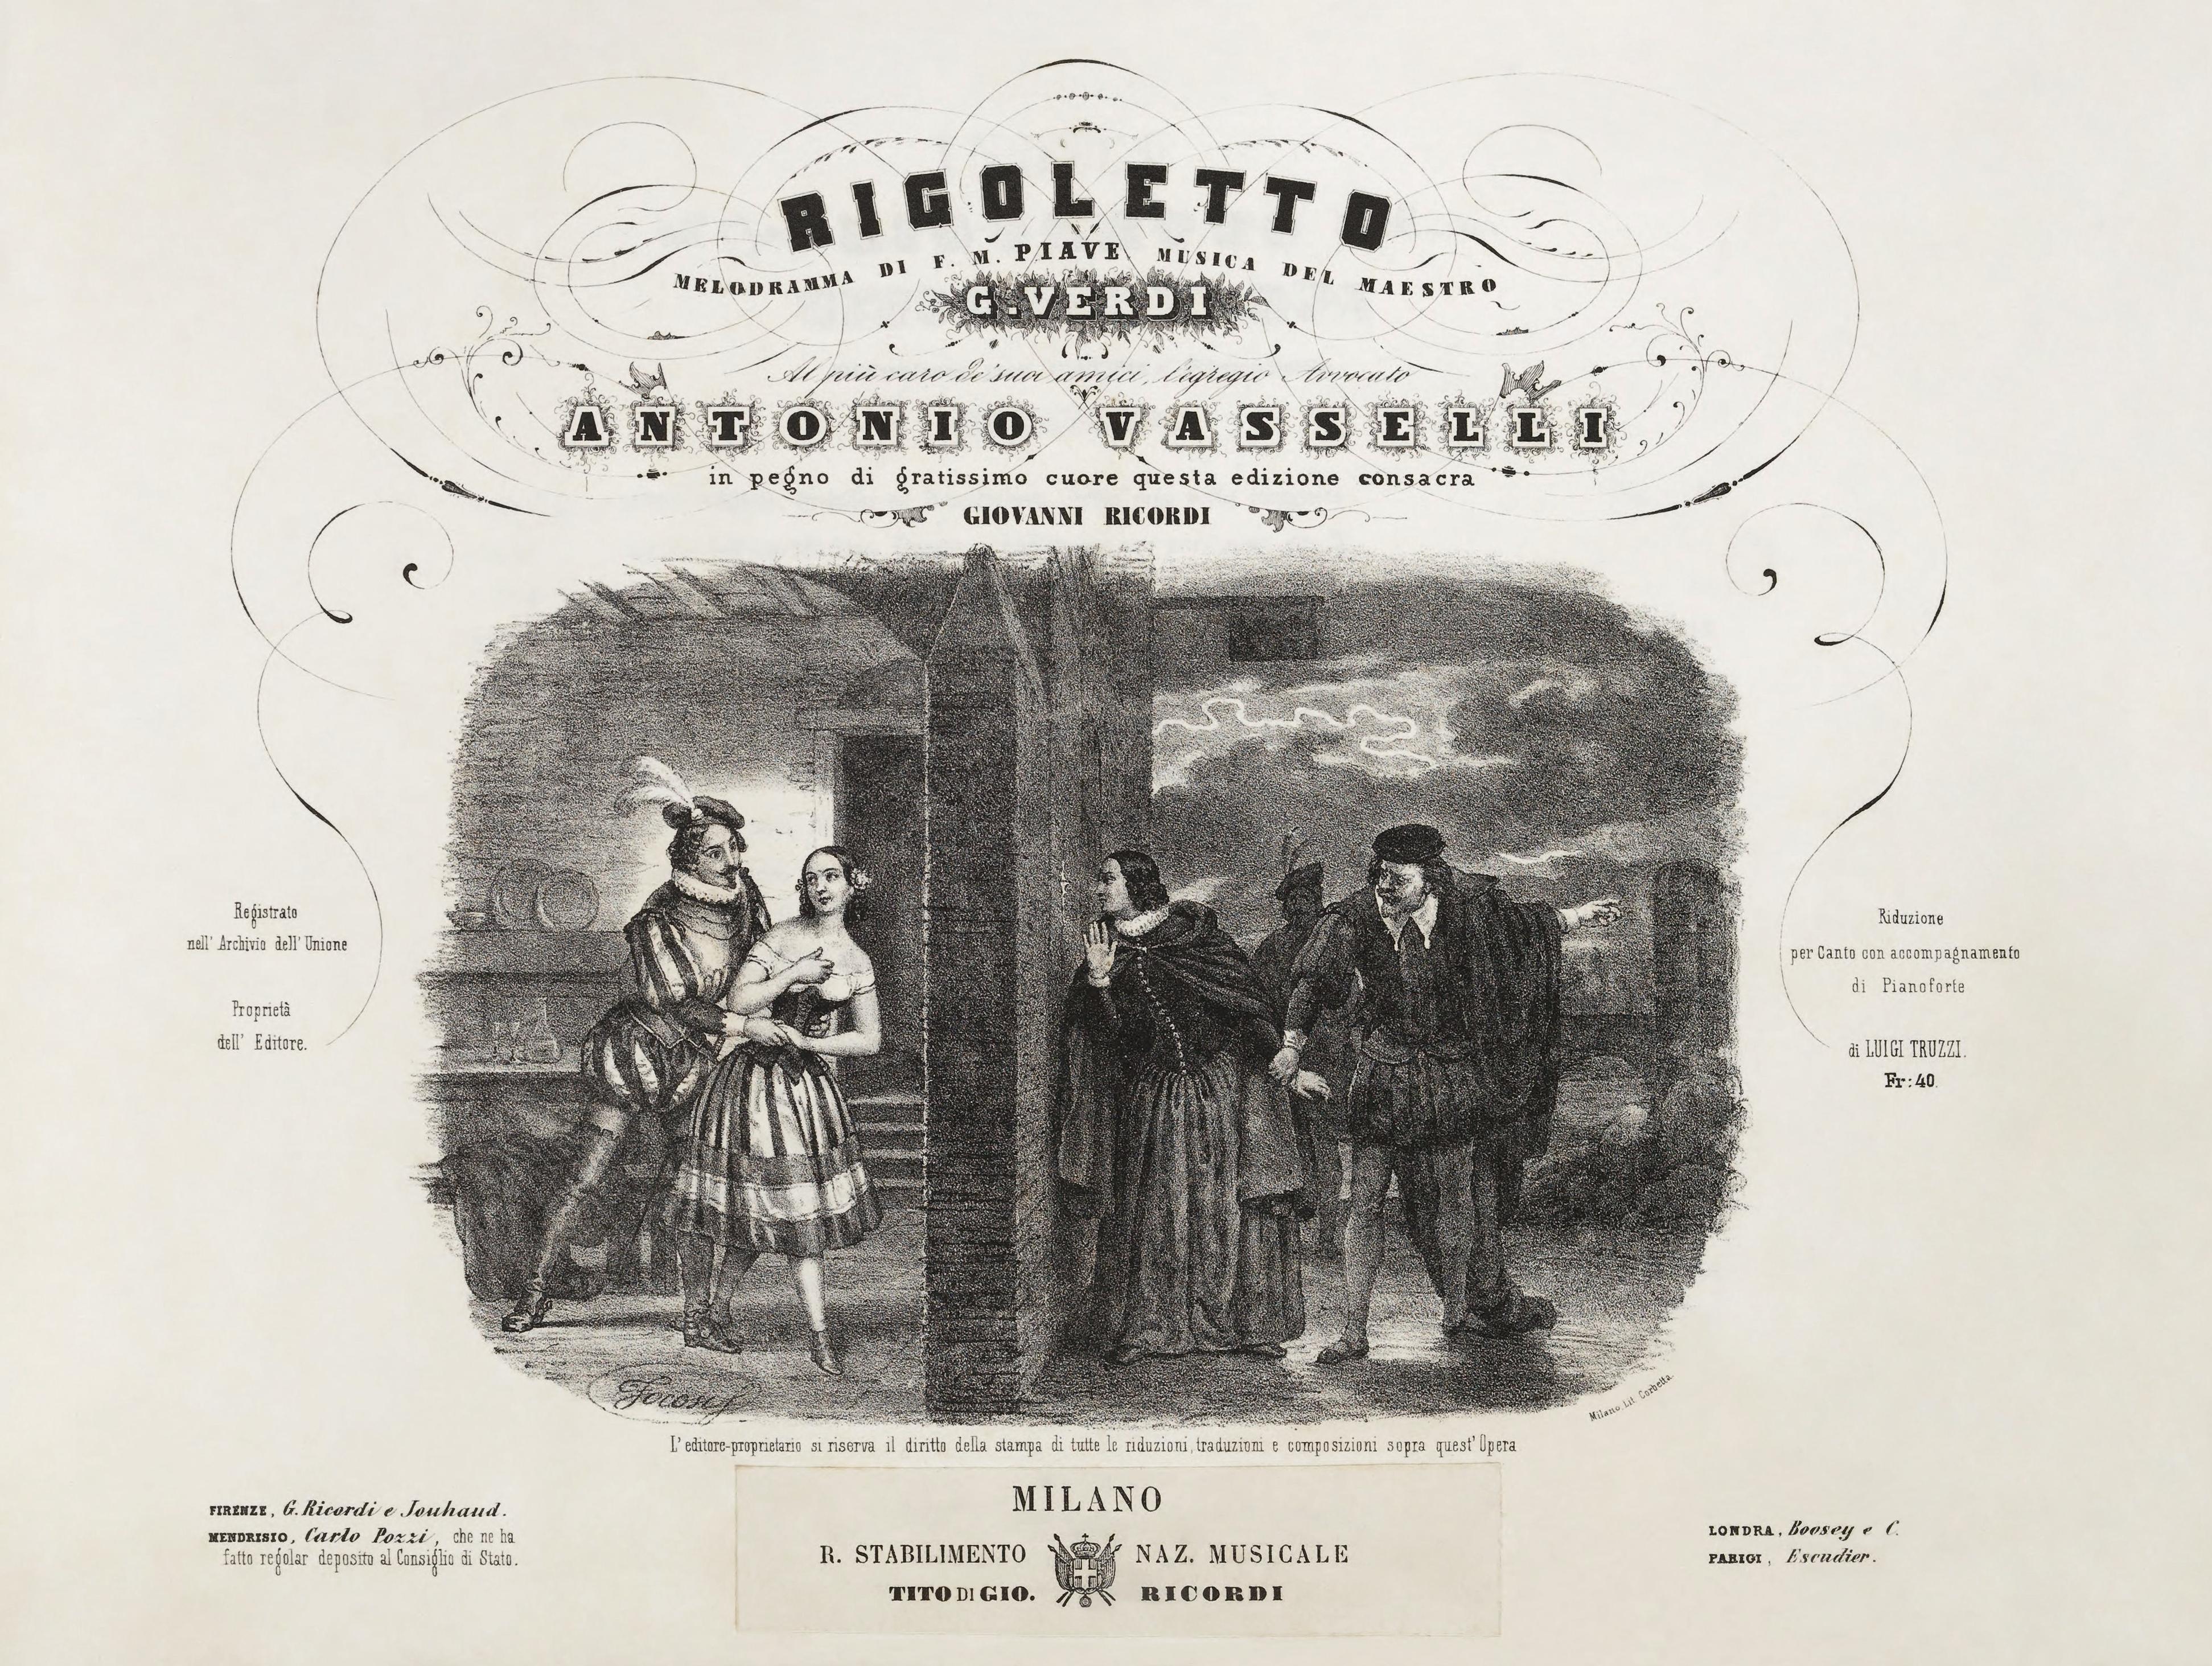 Rigoletto,_Vocal_score_illustration_by_Roberto_Focosi_-_Restoration